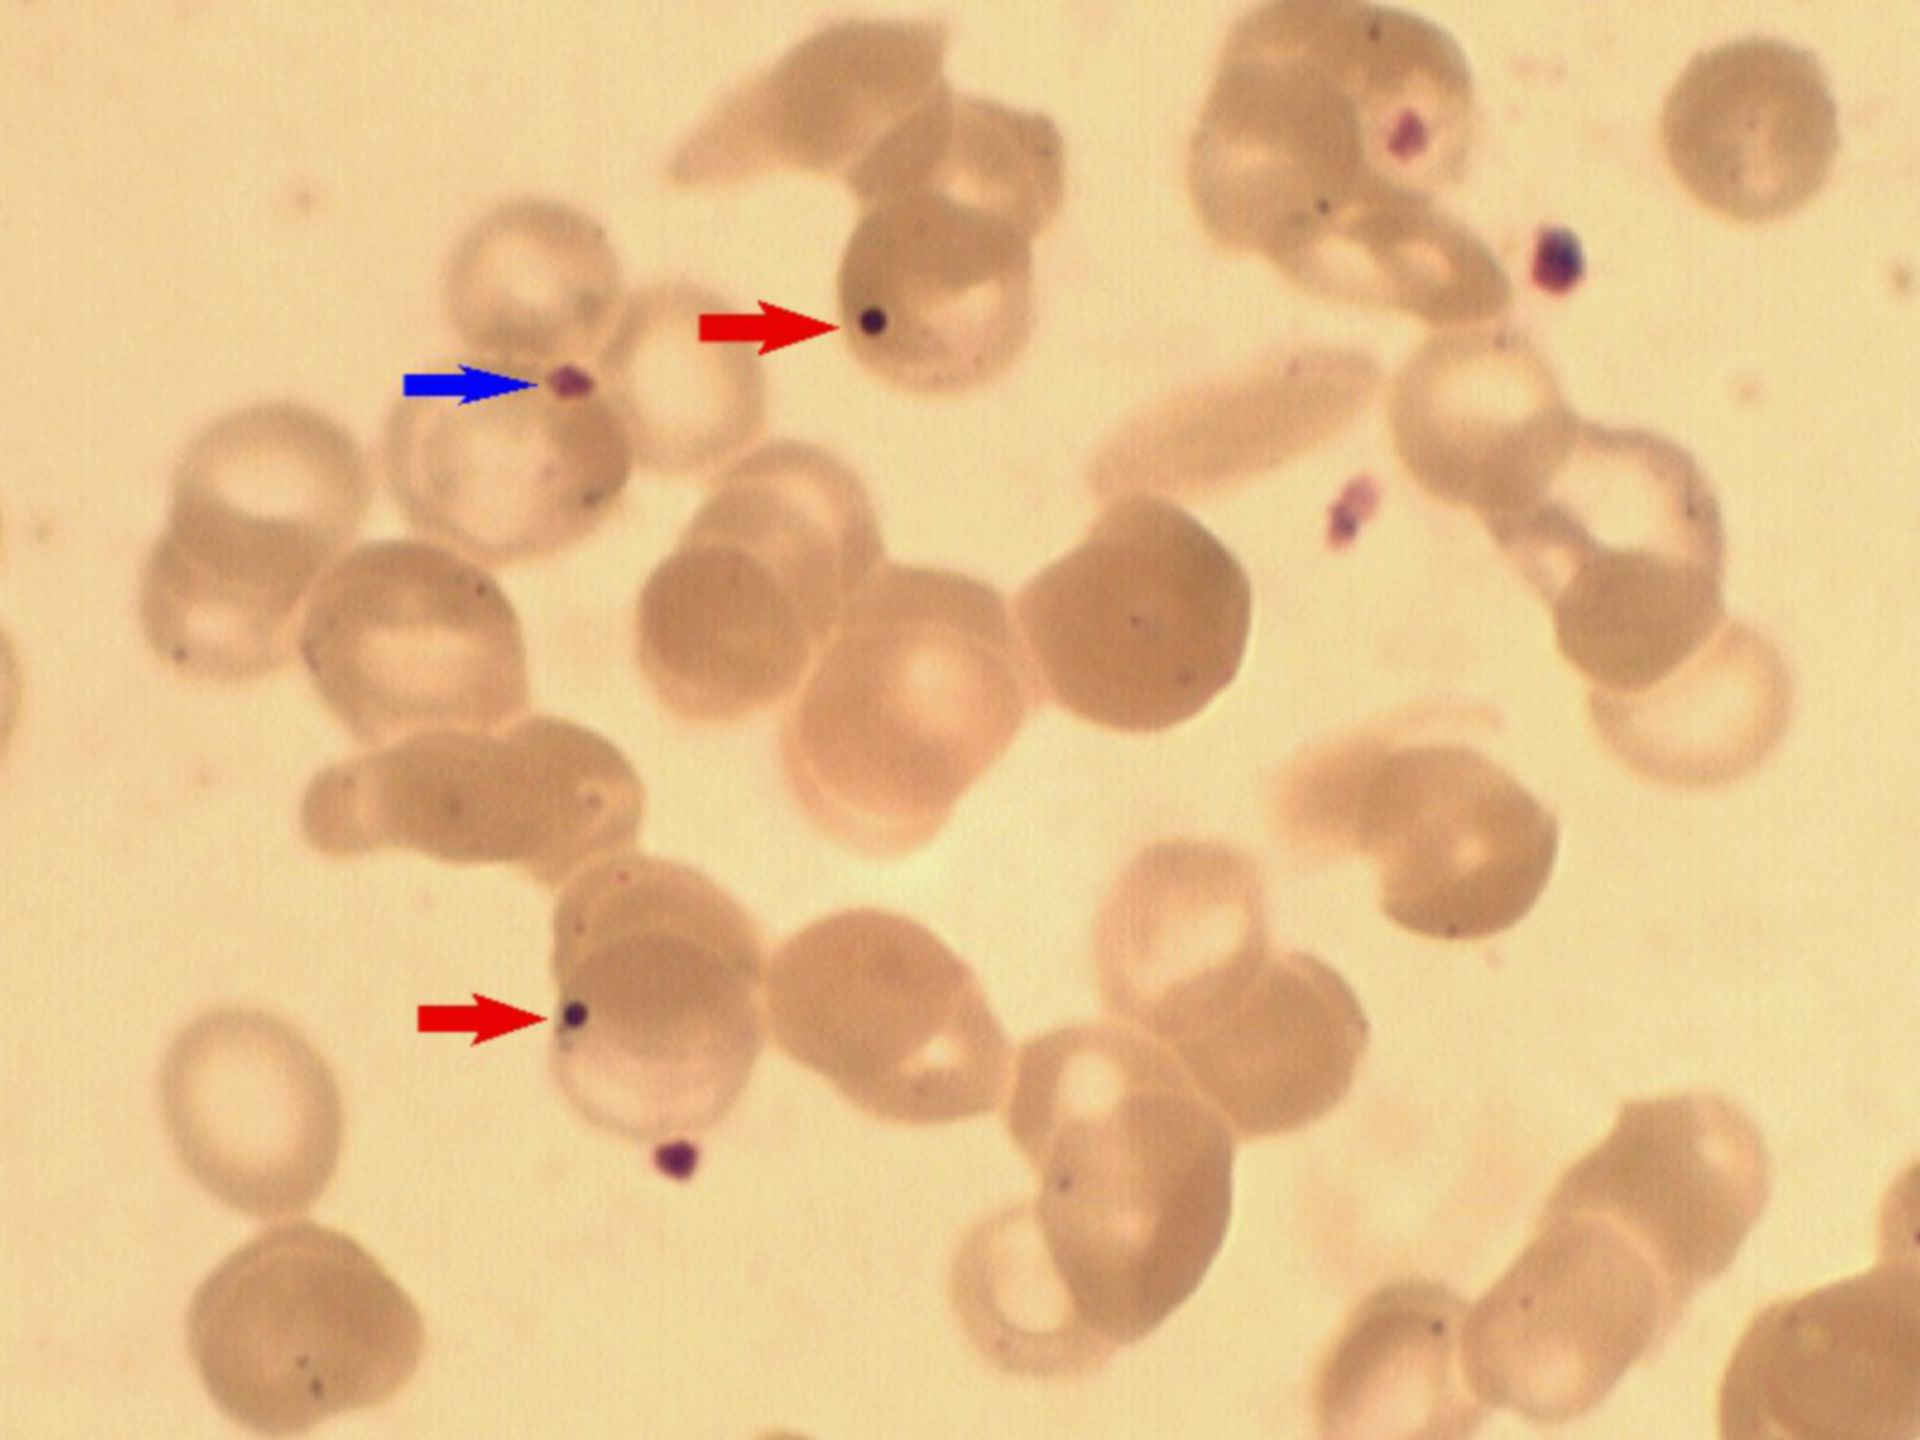 Howell-Jolly-Körperchen im Blutausstrich